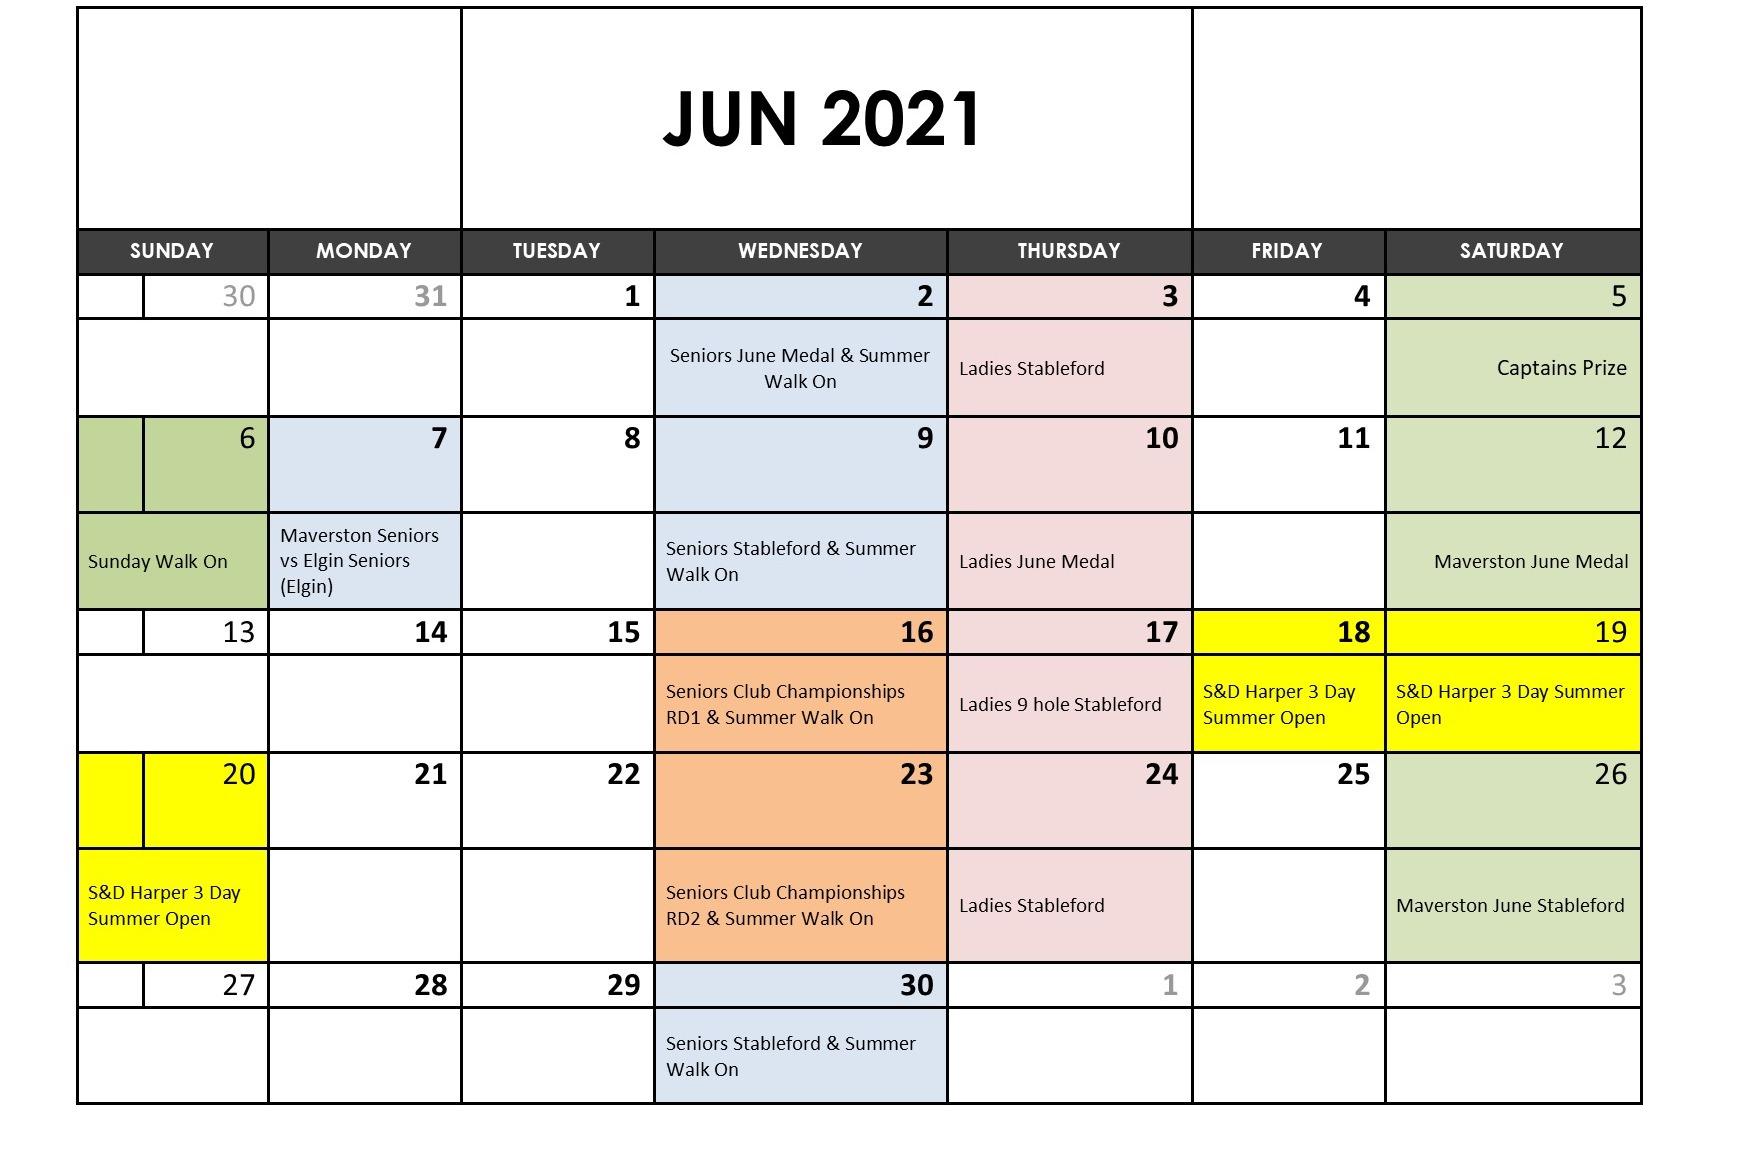 June 2021 Fixtures